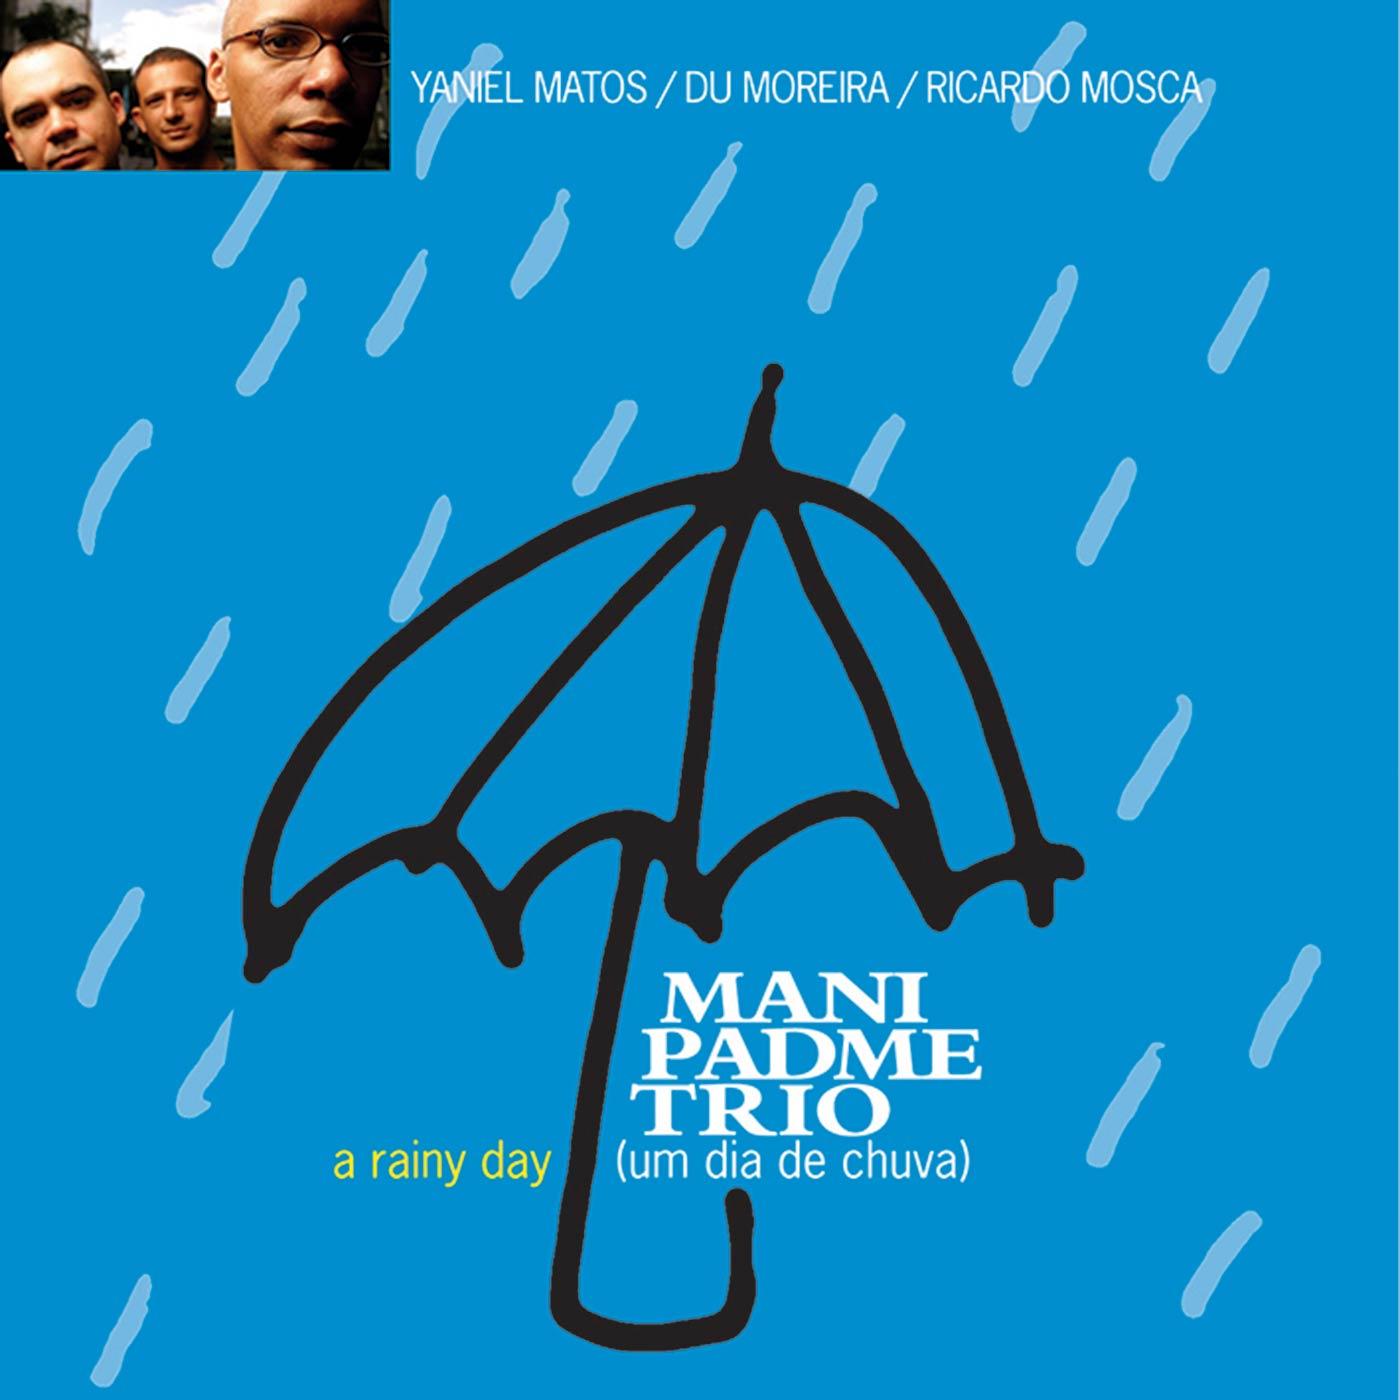 A Rainy Day / Um Dia De Chuva - Mani Padme Trio